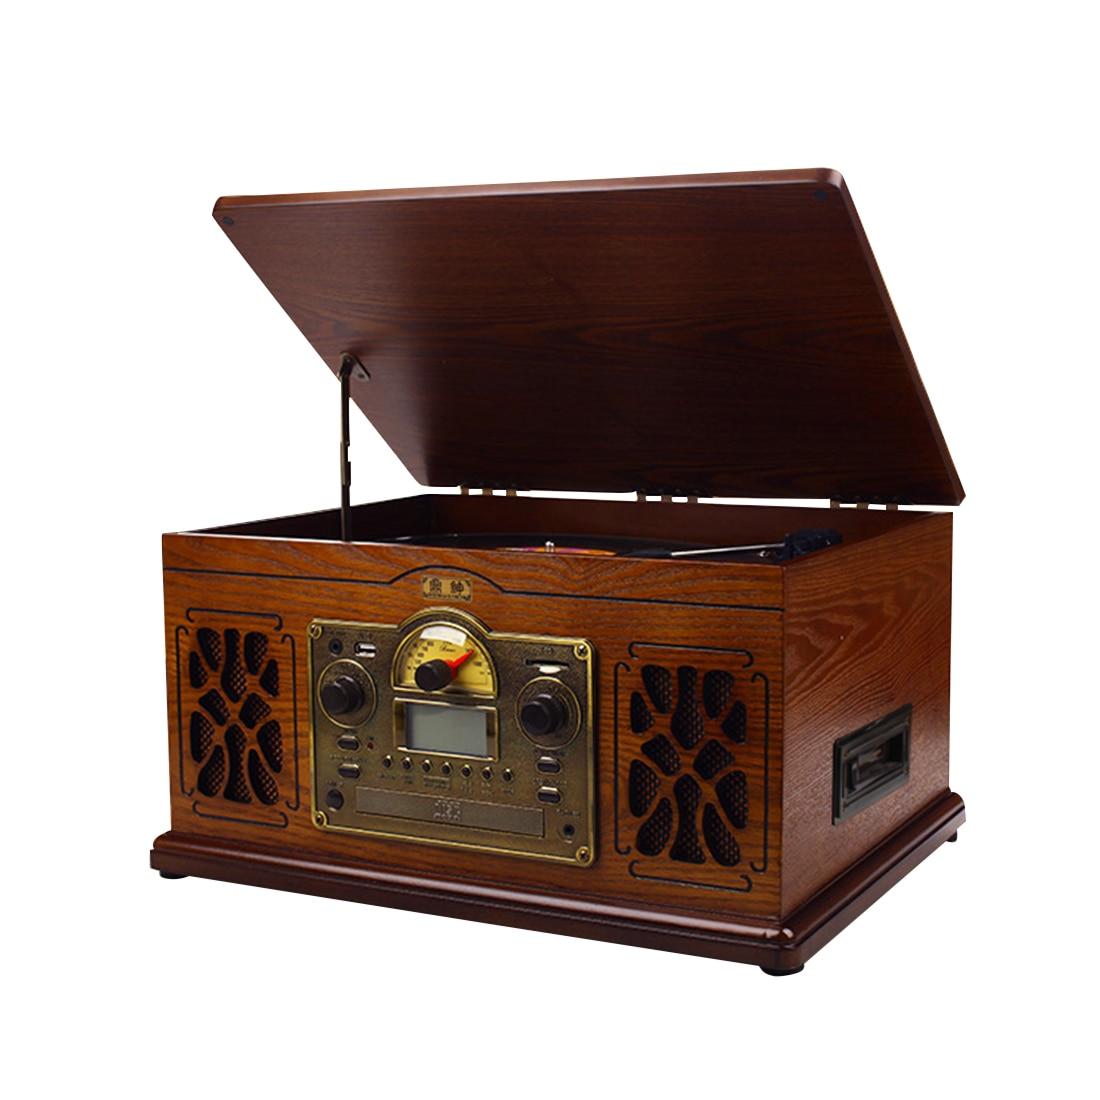 Lecteur de disque vinyle rétro bande Audio CD Bluetooth phonographe Vintage à l'ancienne-acajou prise américaine